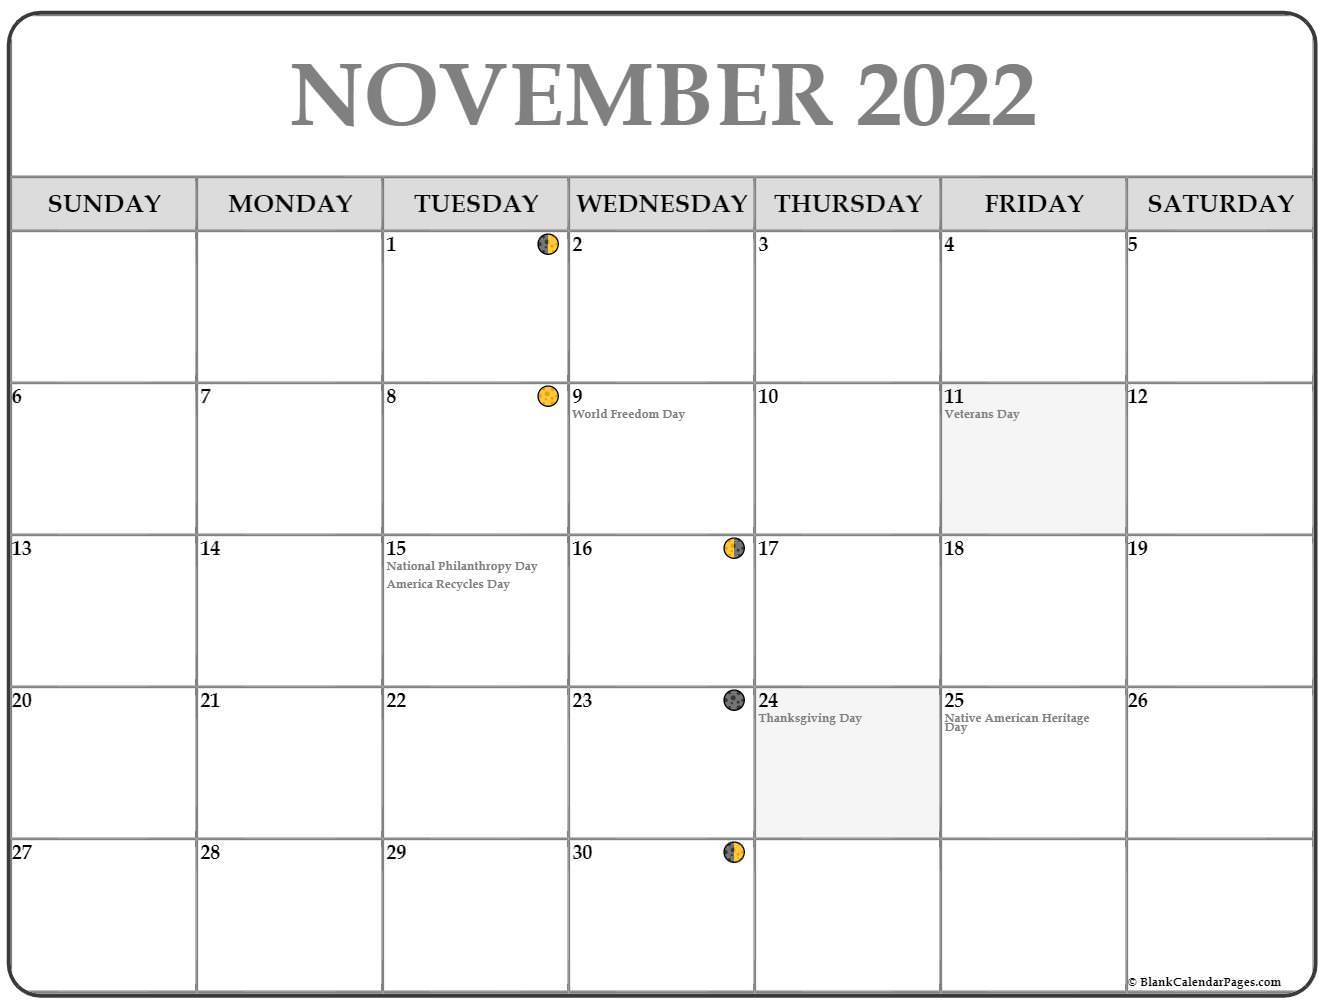 November 2022 Lunar Calendar   Moon Phase Calendar